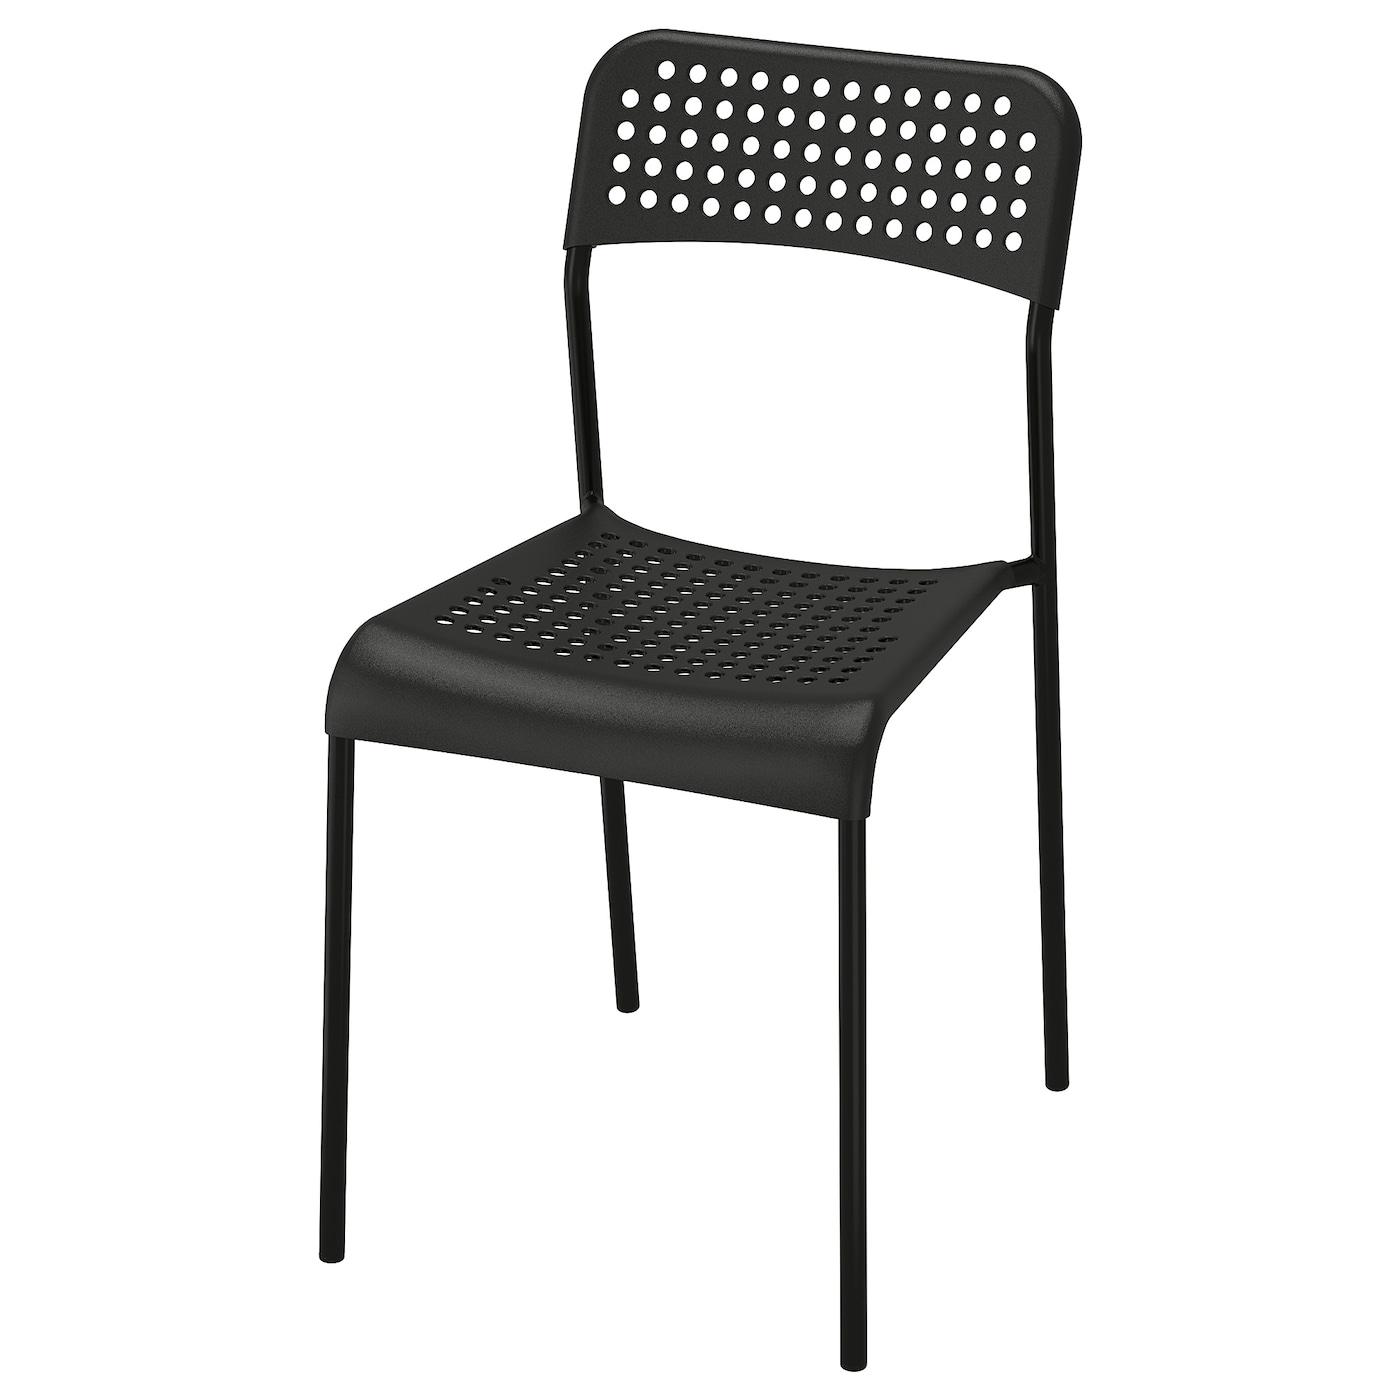 ADDE Chair - black